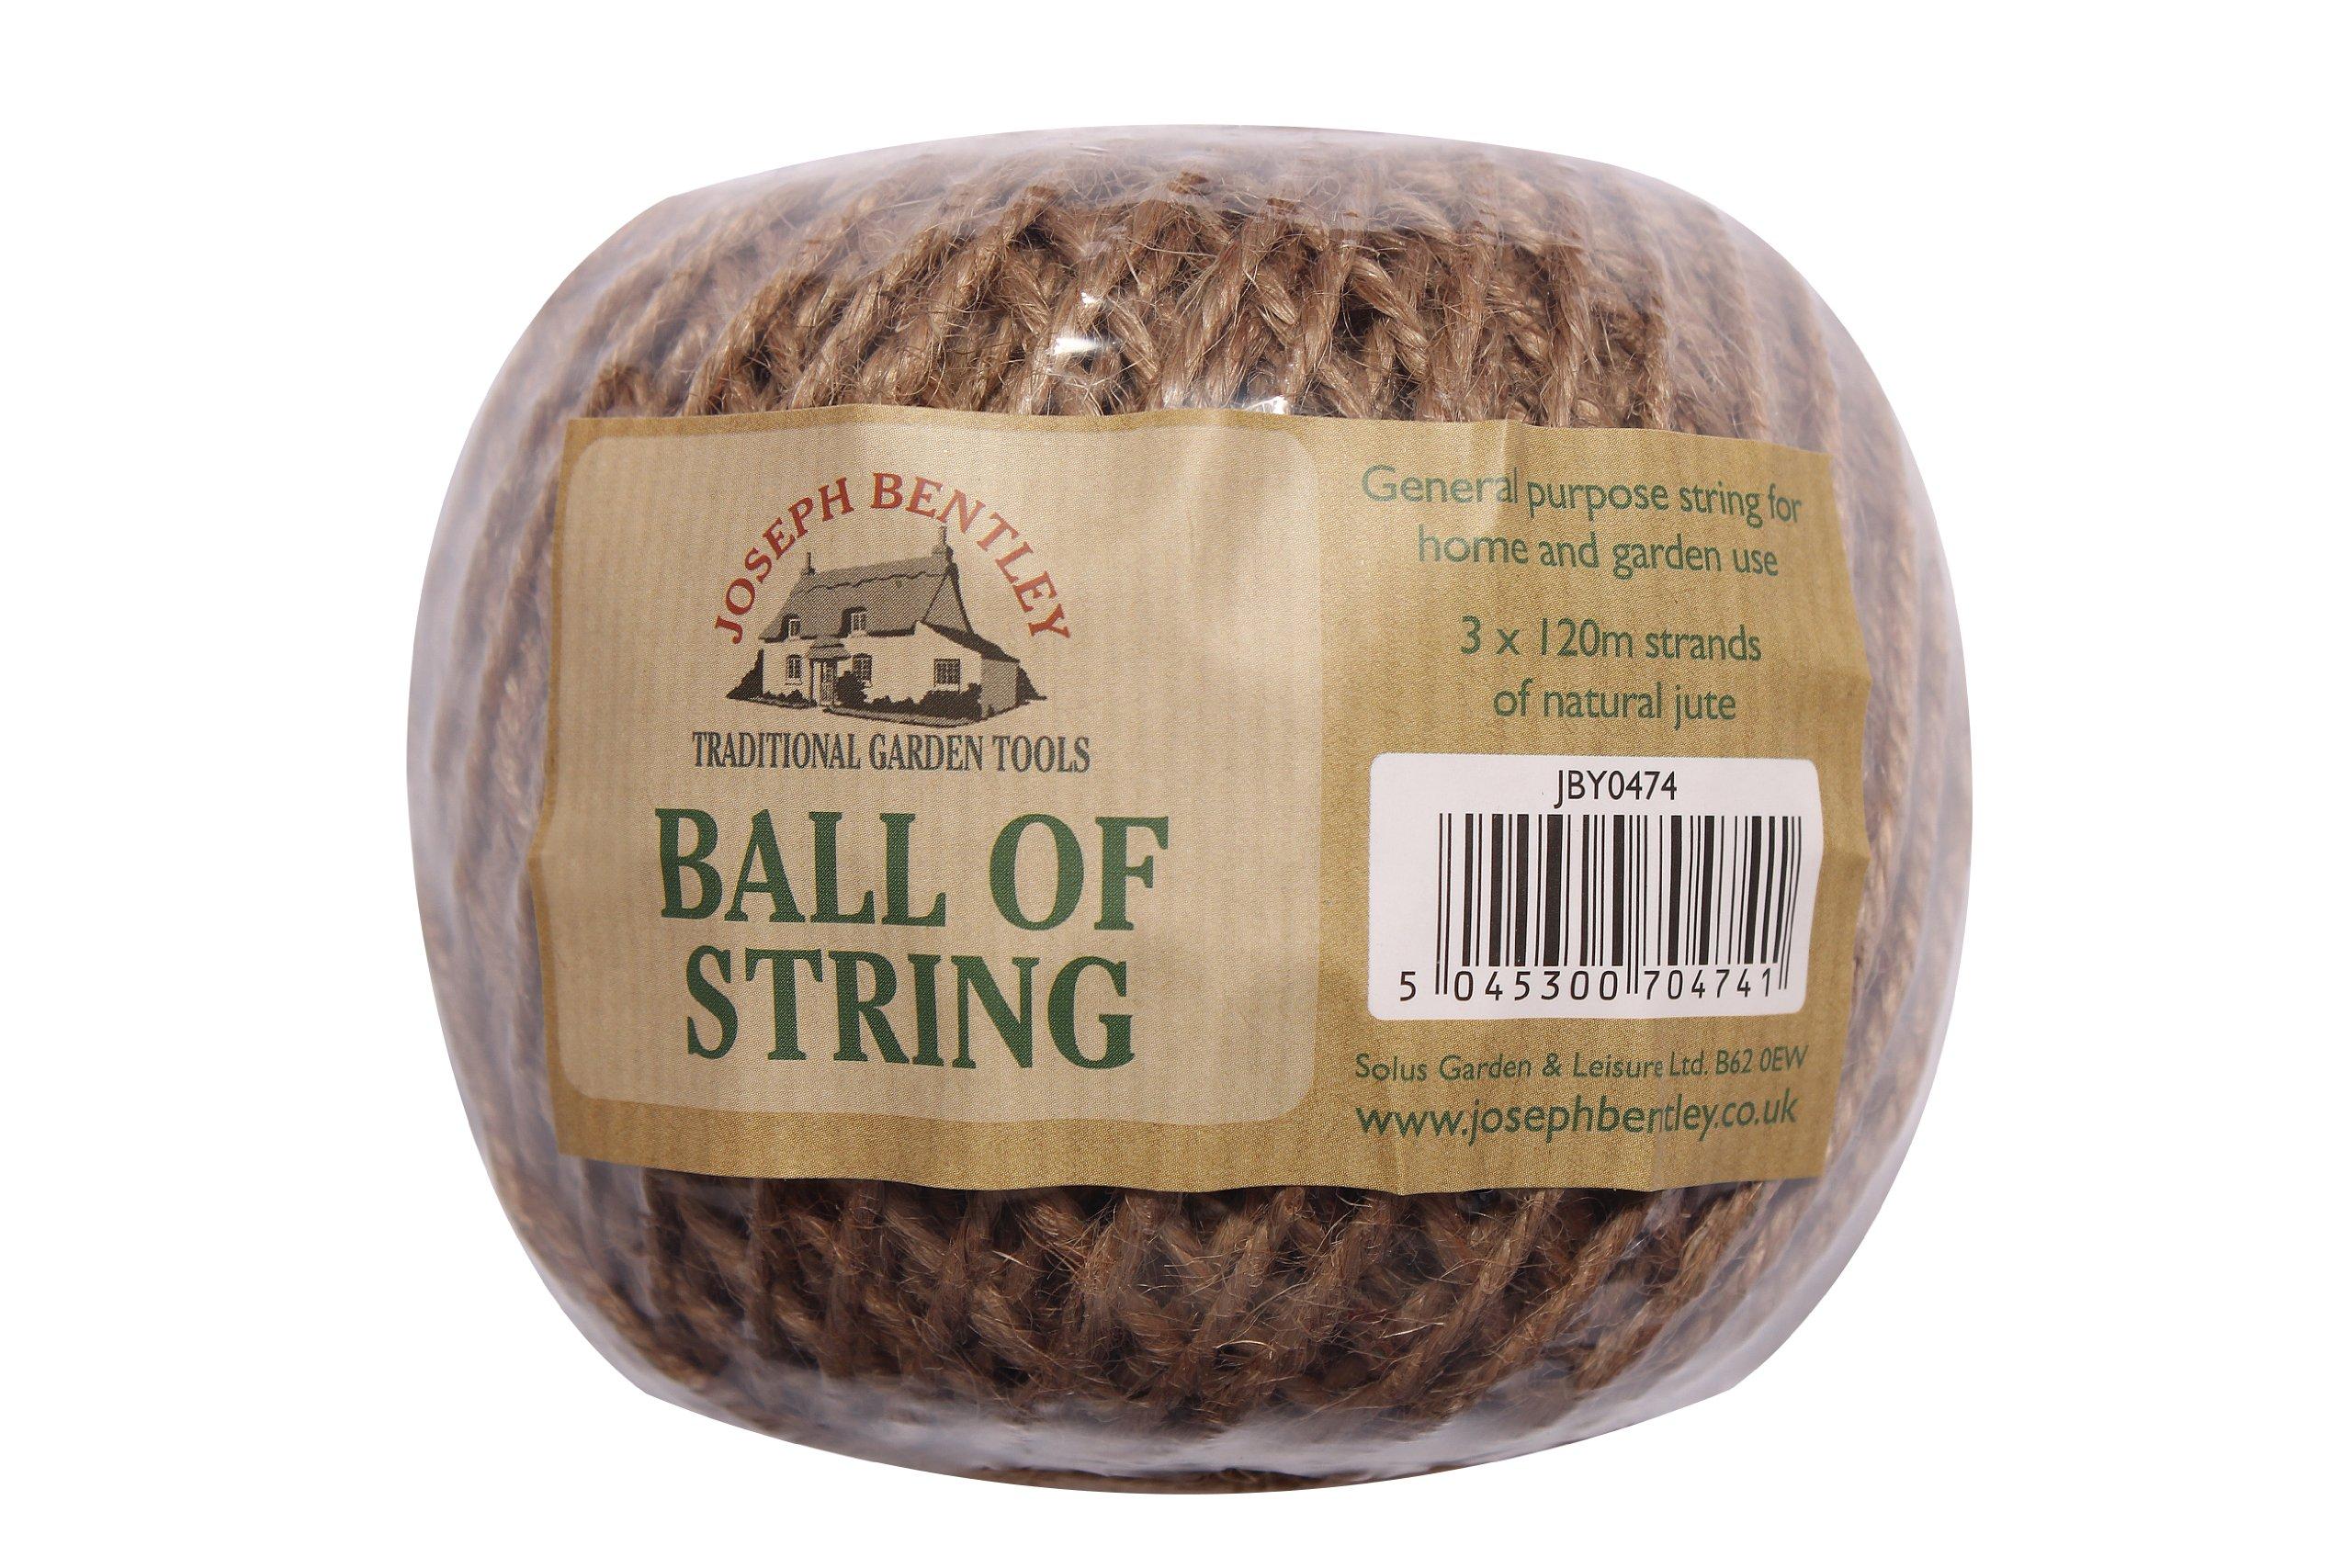 Joseph Bentley Traditional Garden Tools Ball of String by Joseph Bentley Traditional Garden Tools